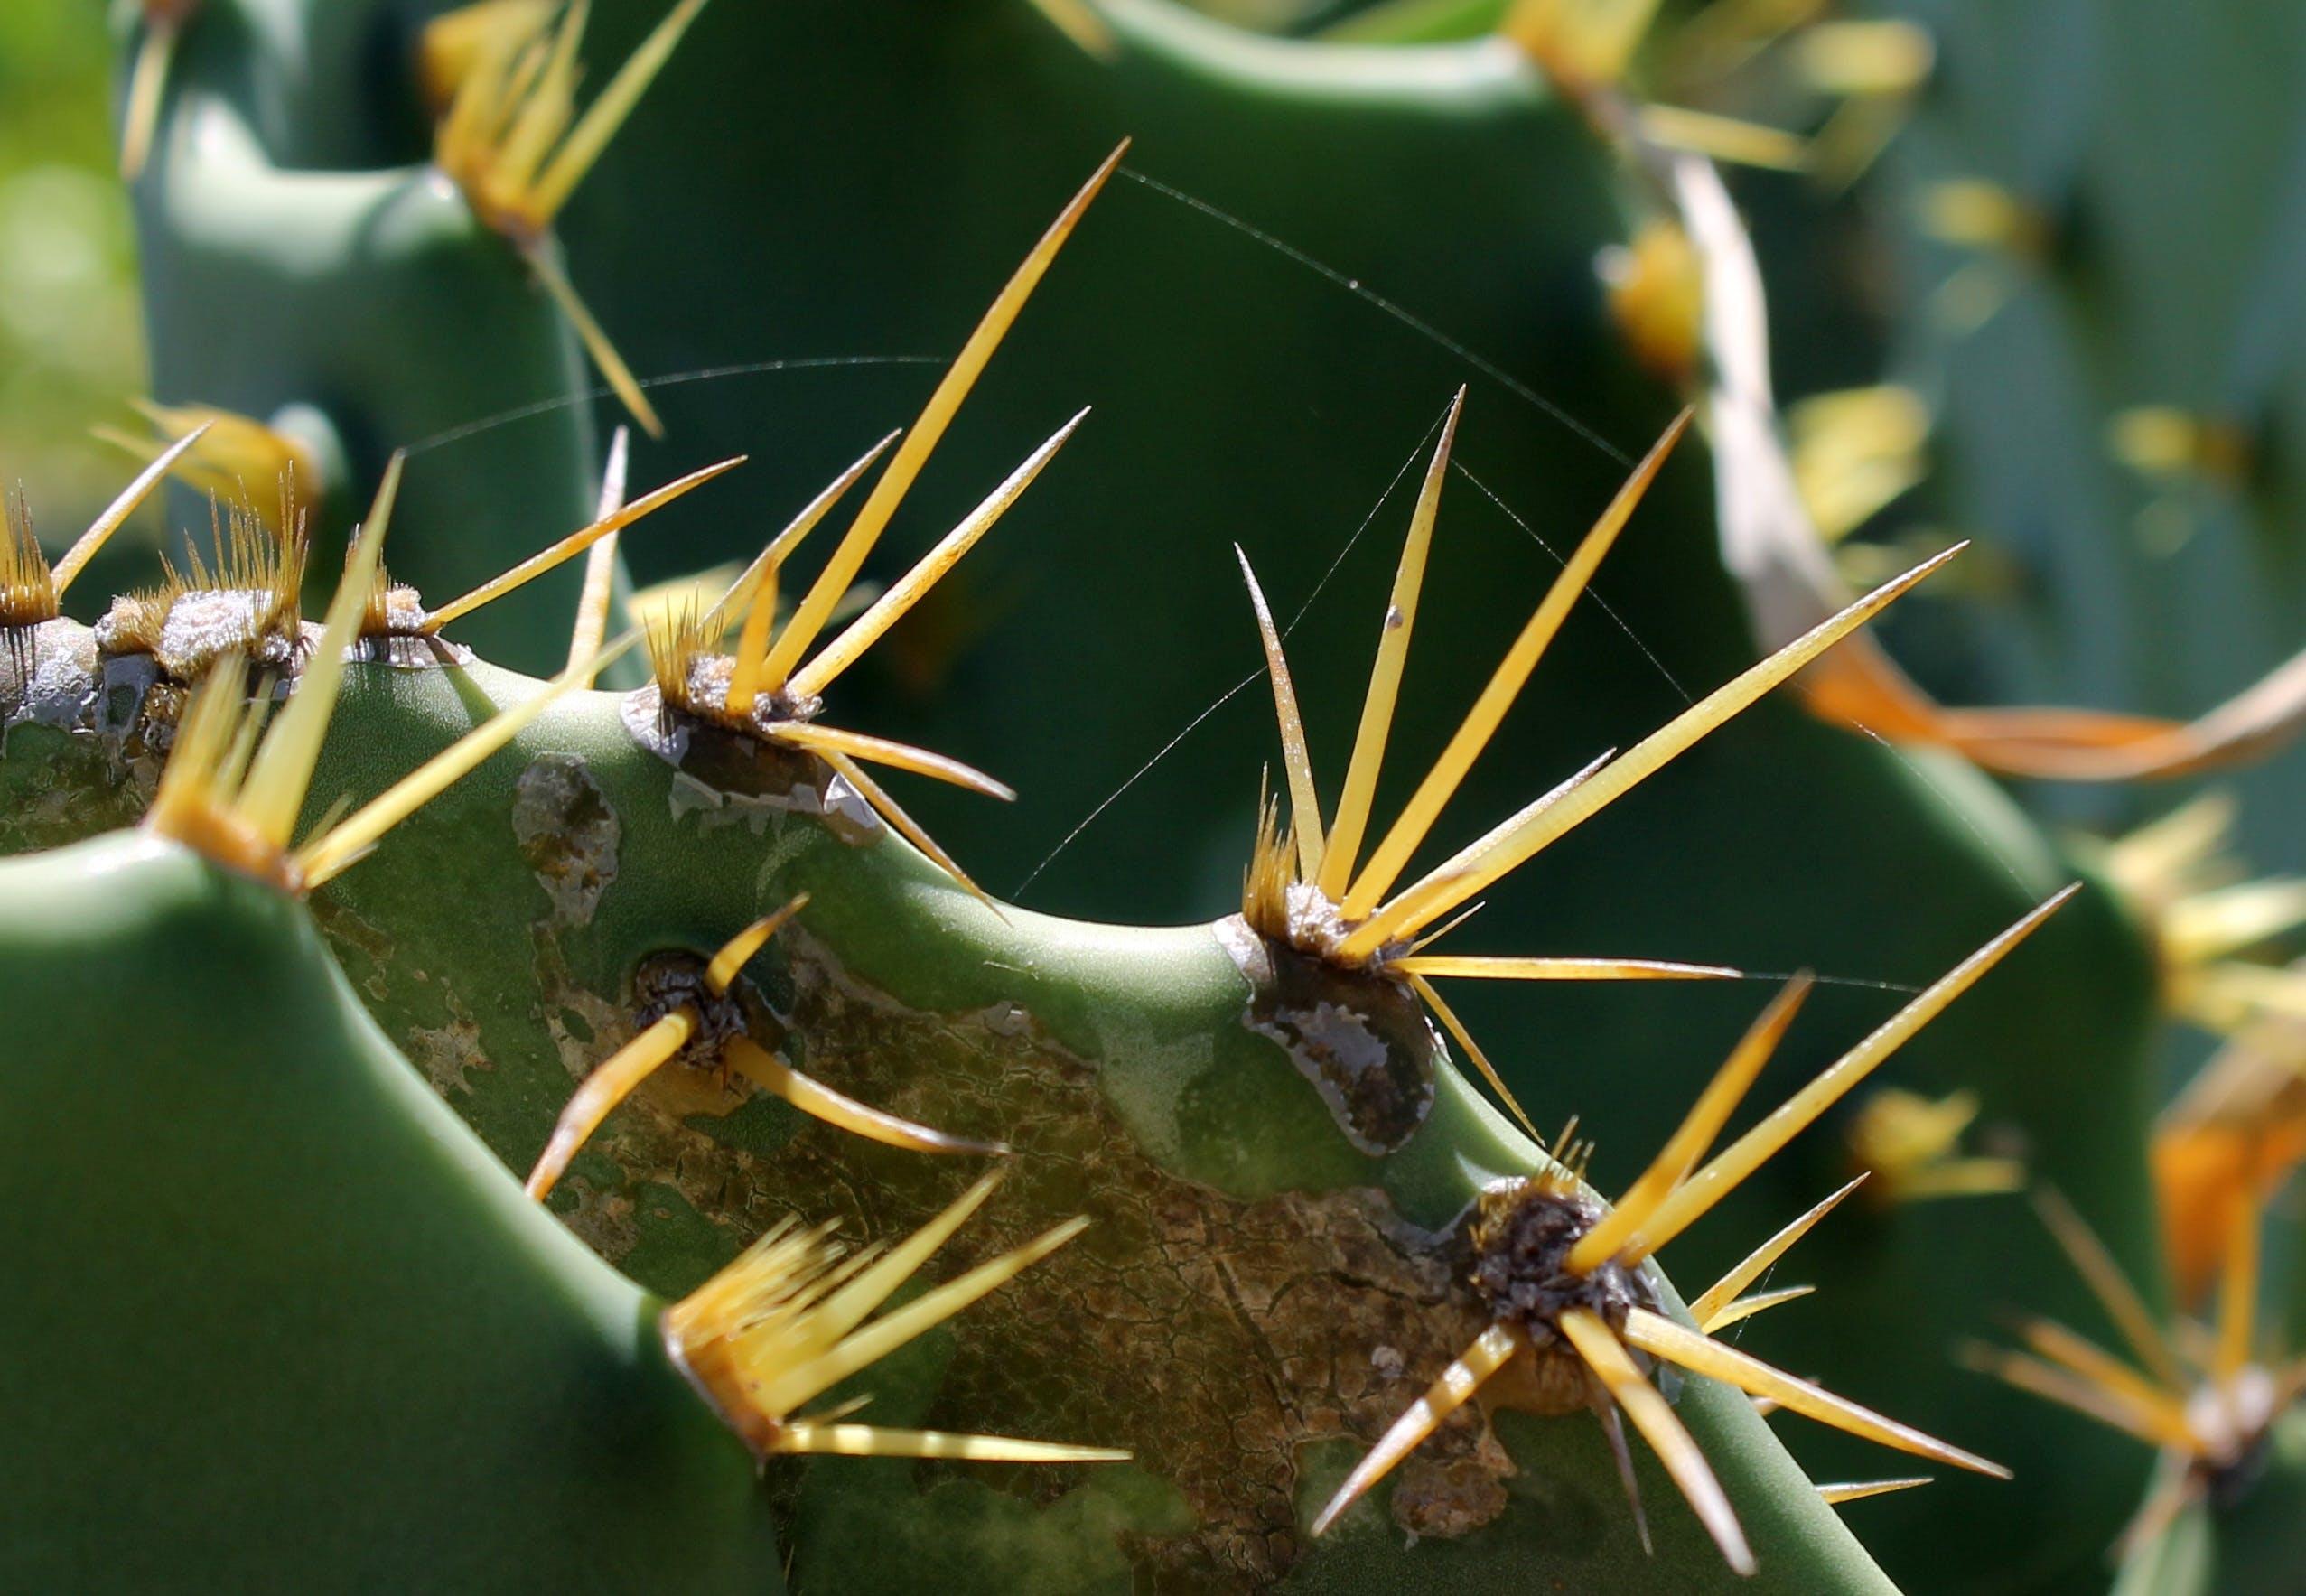 仙人掌, 仙人掌刺, 多刺的植物